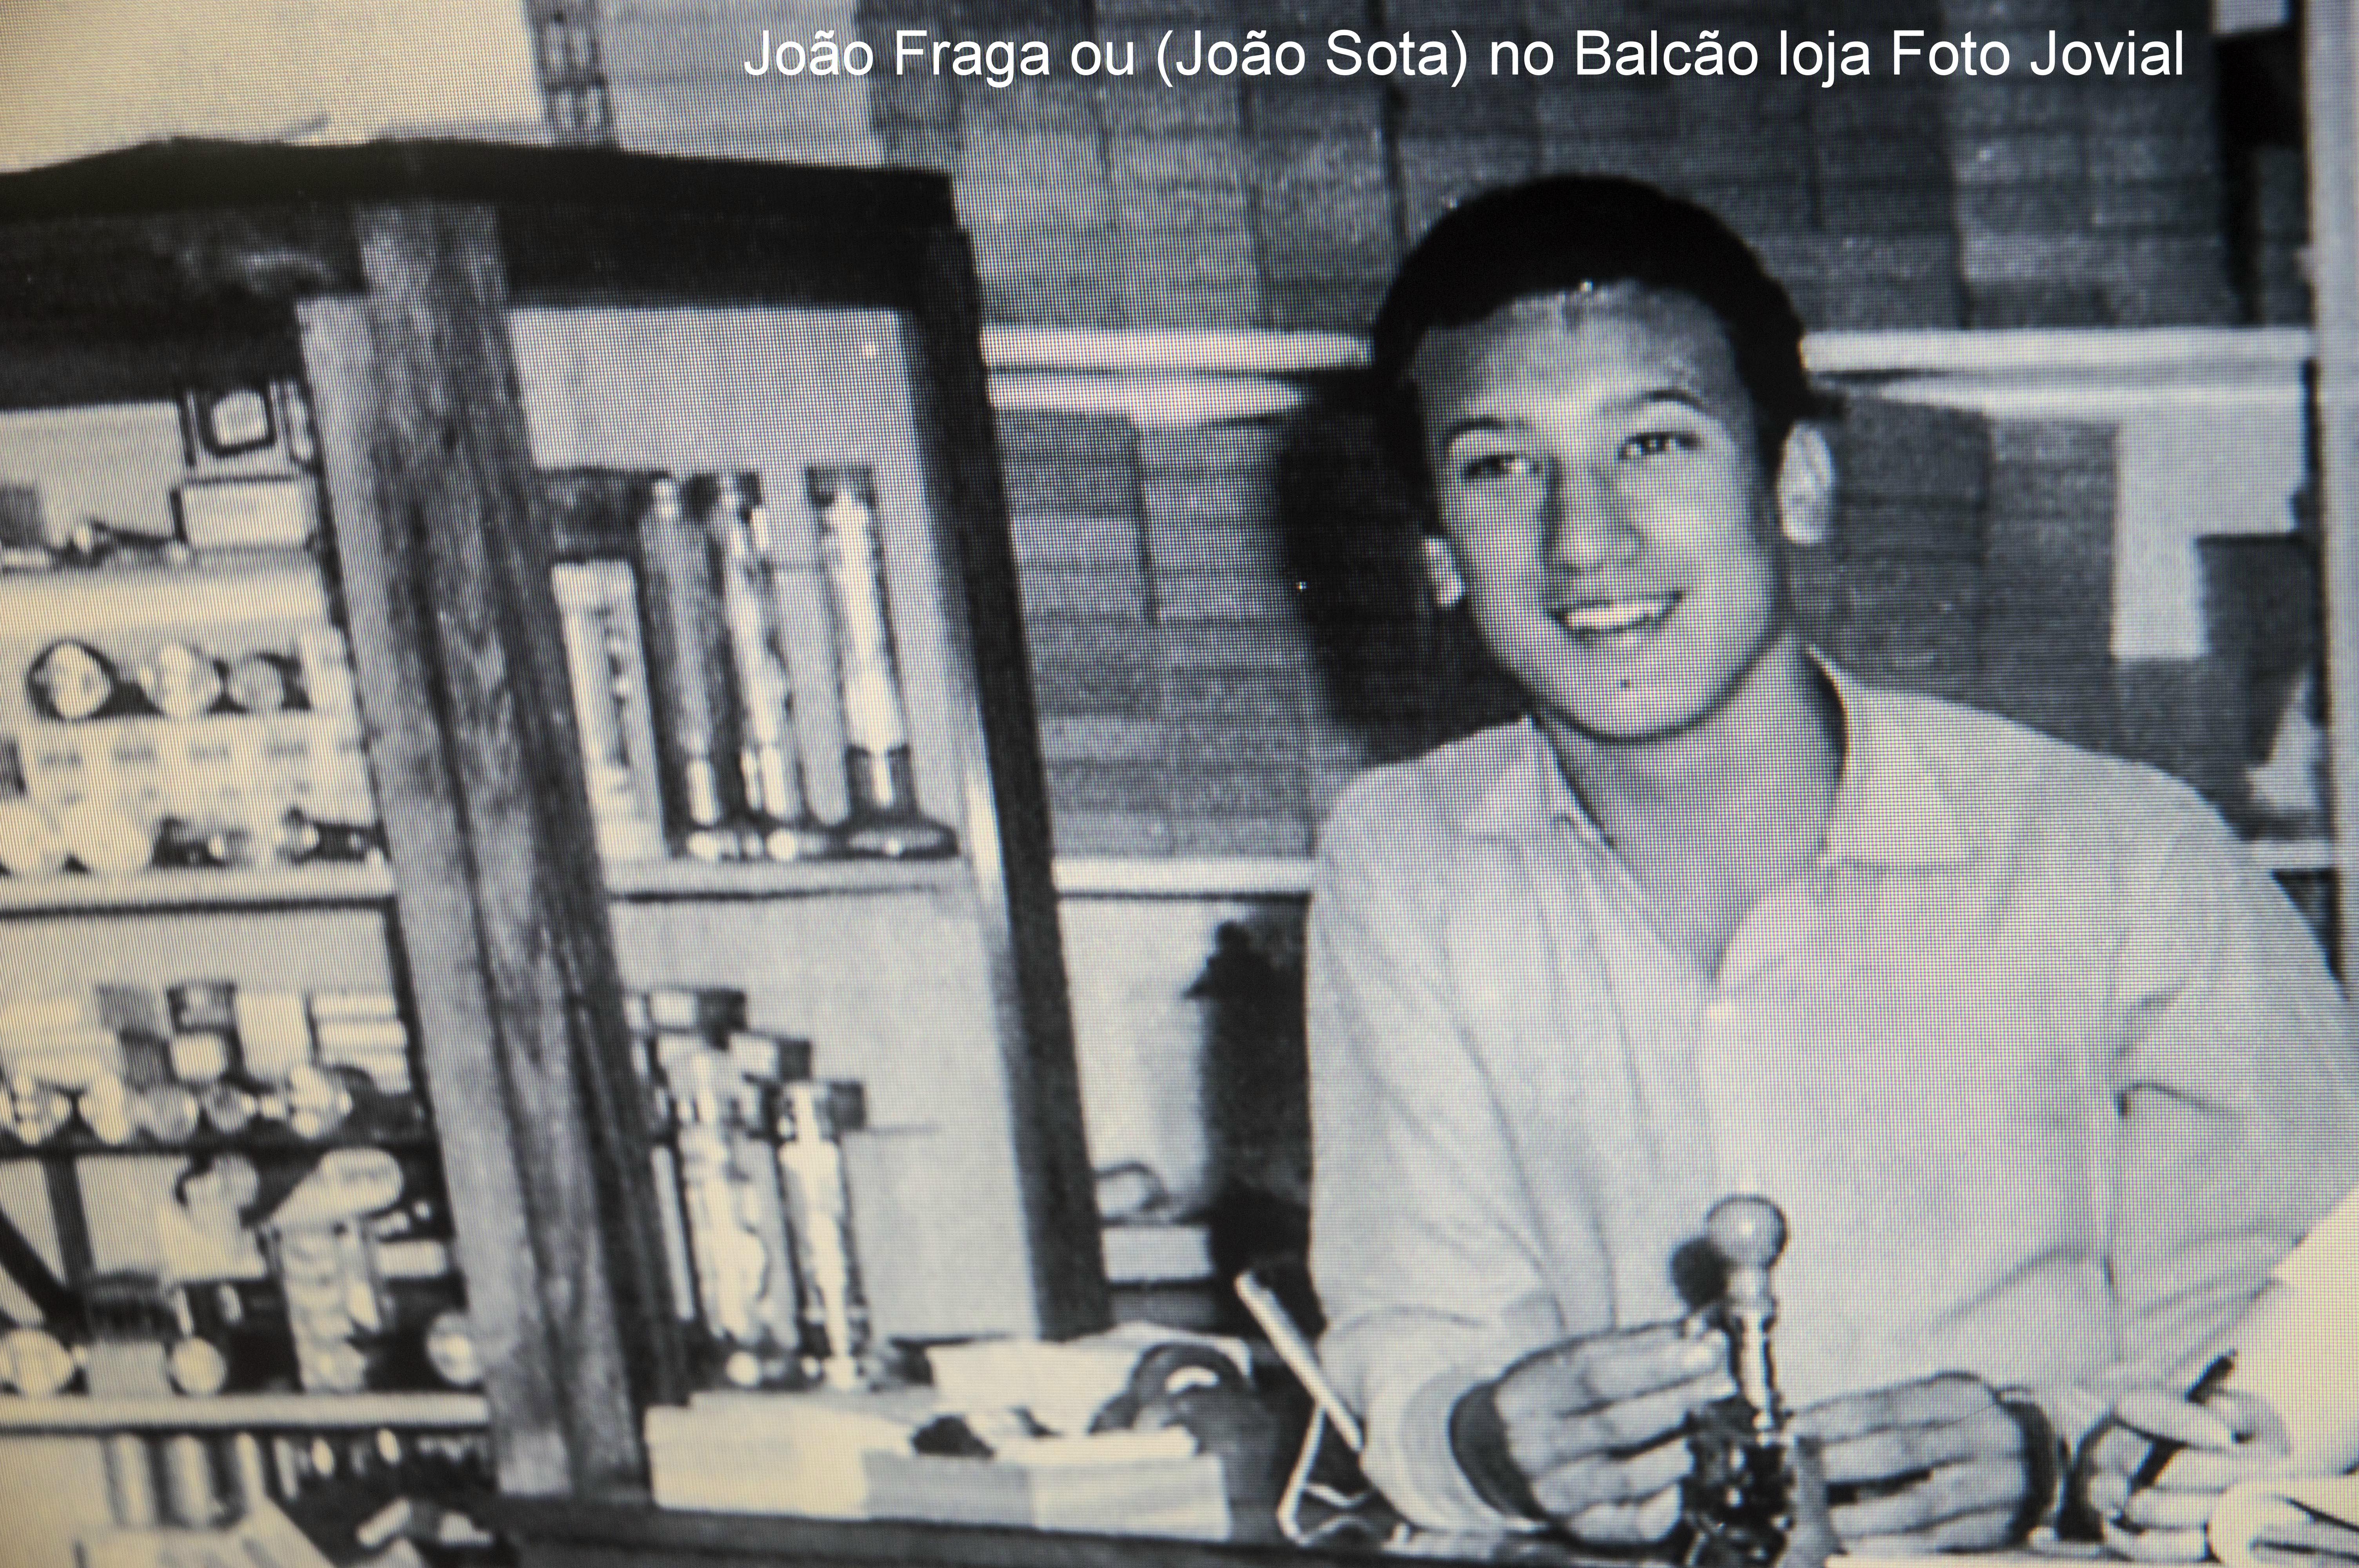 1 João Fraga